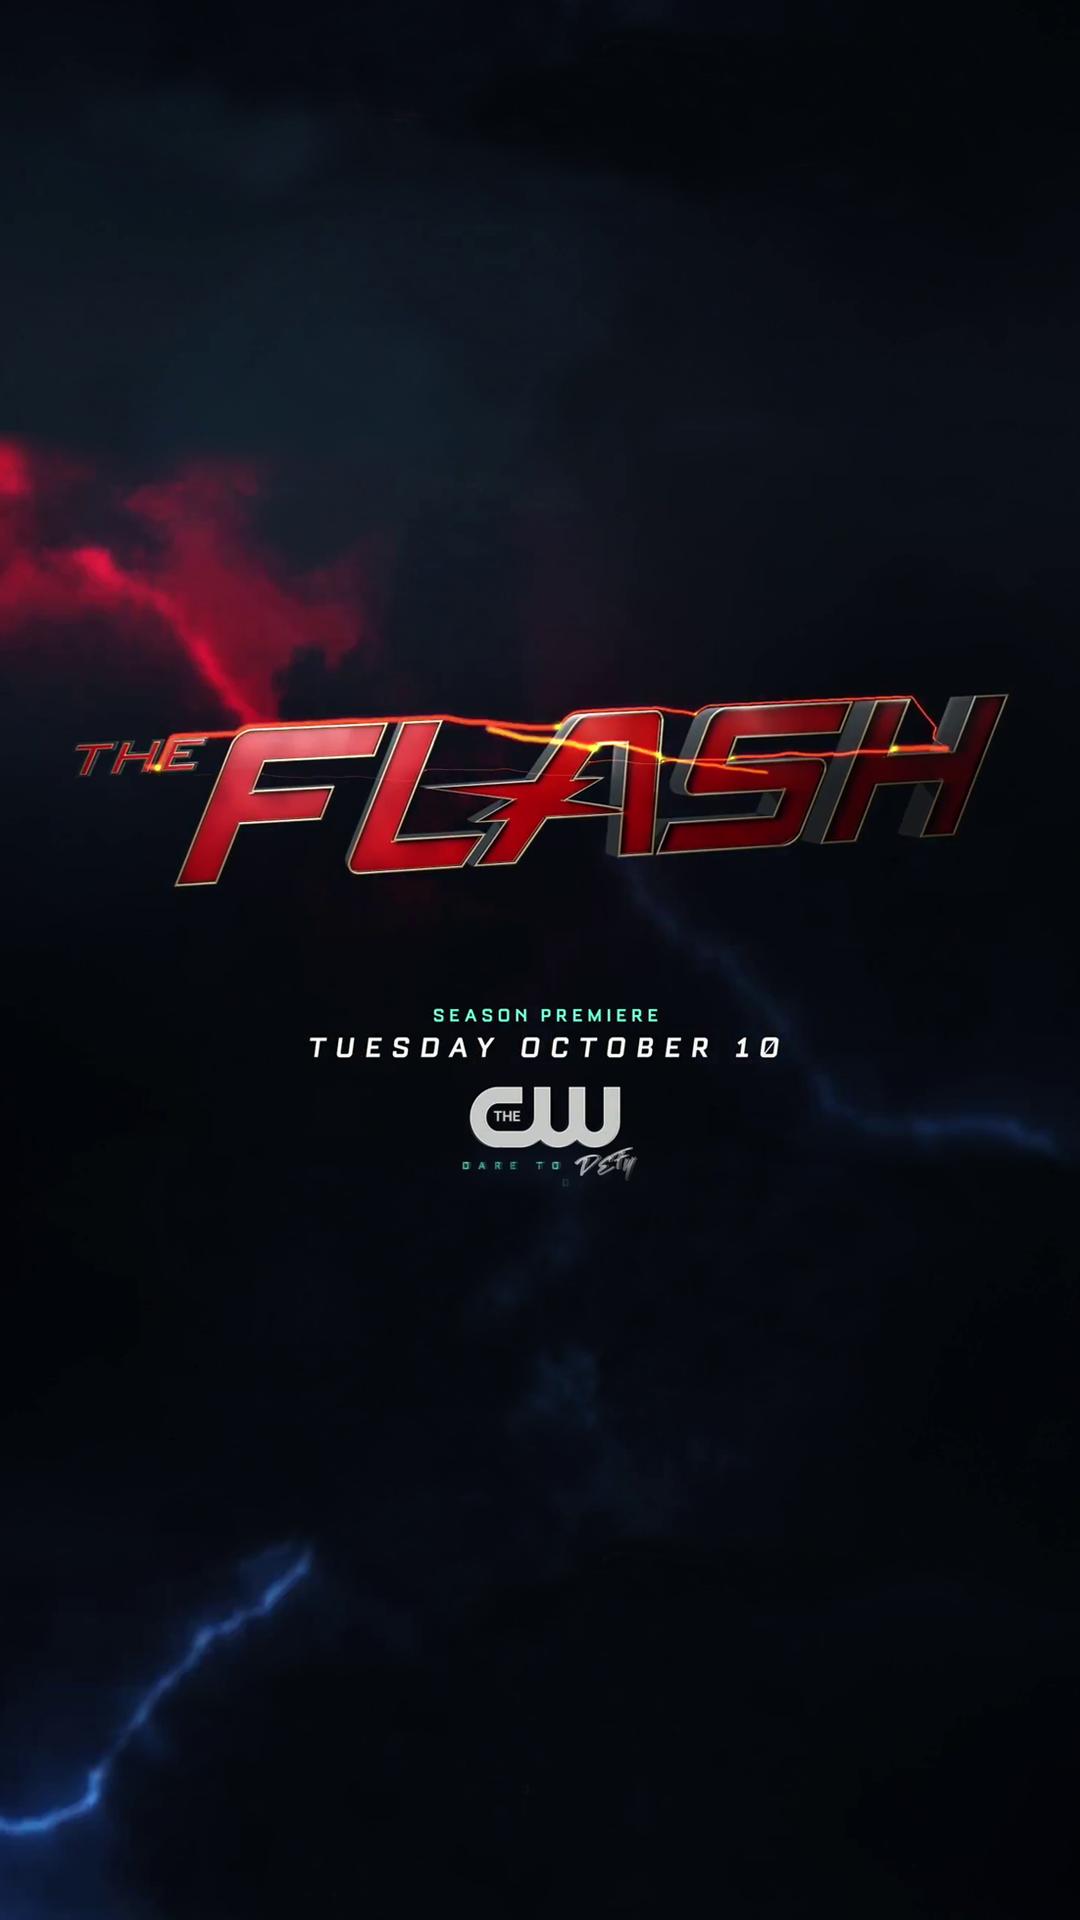 Divulgado o novo logo da quarta temporada de The Flash!